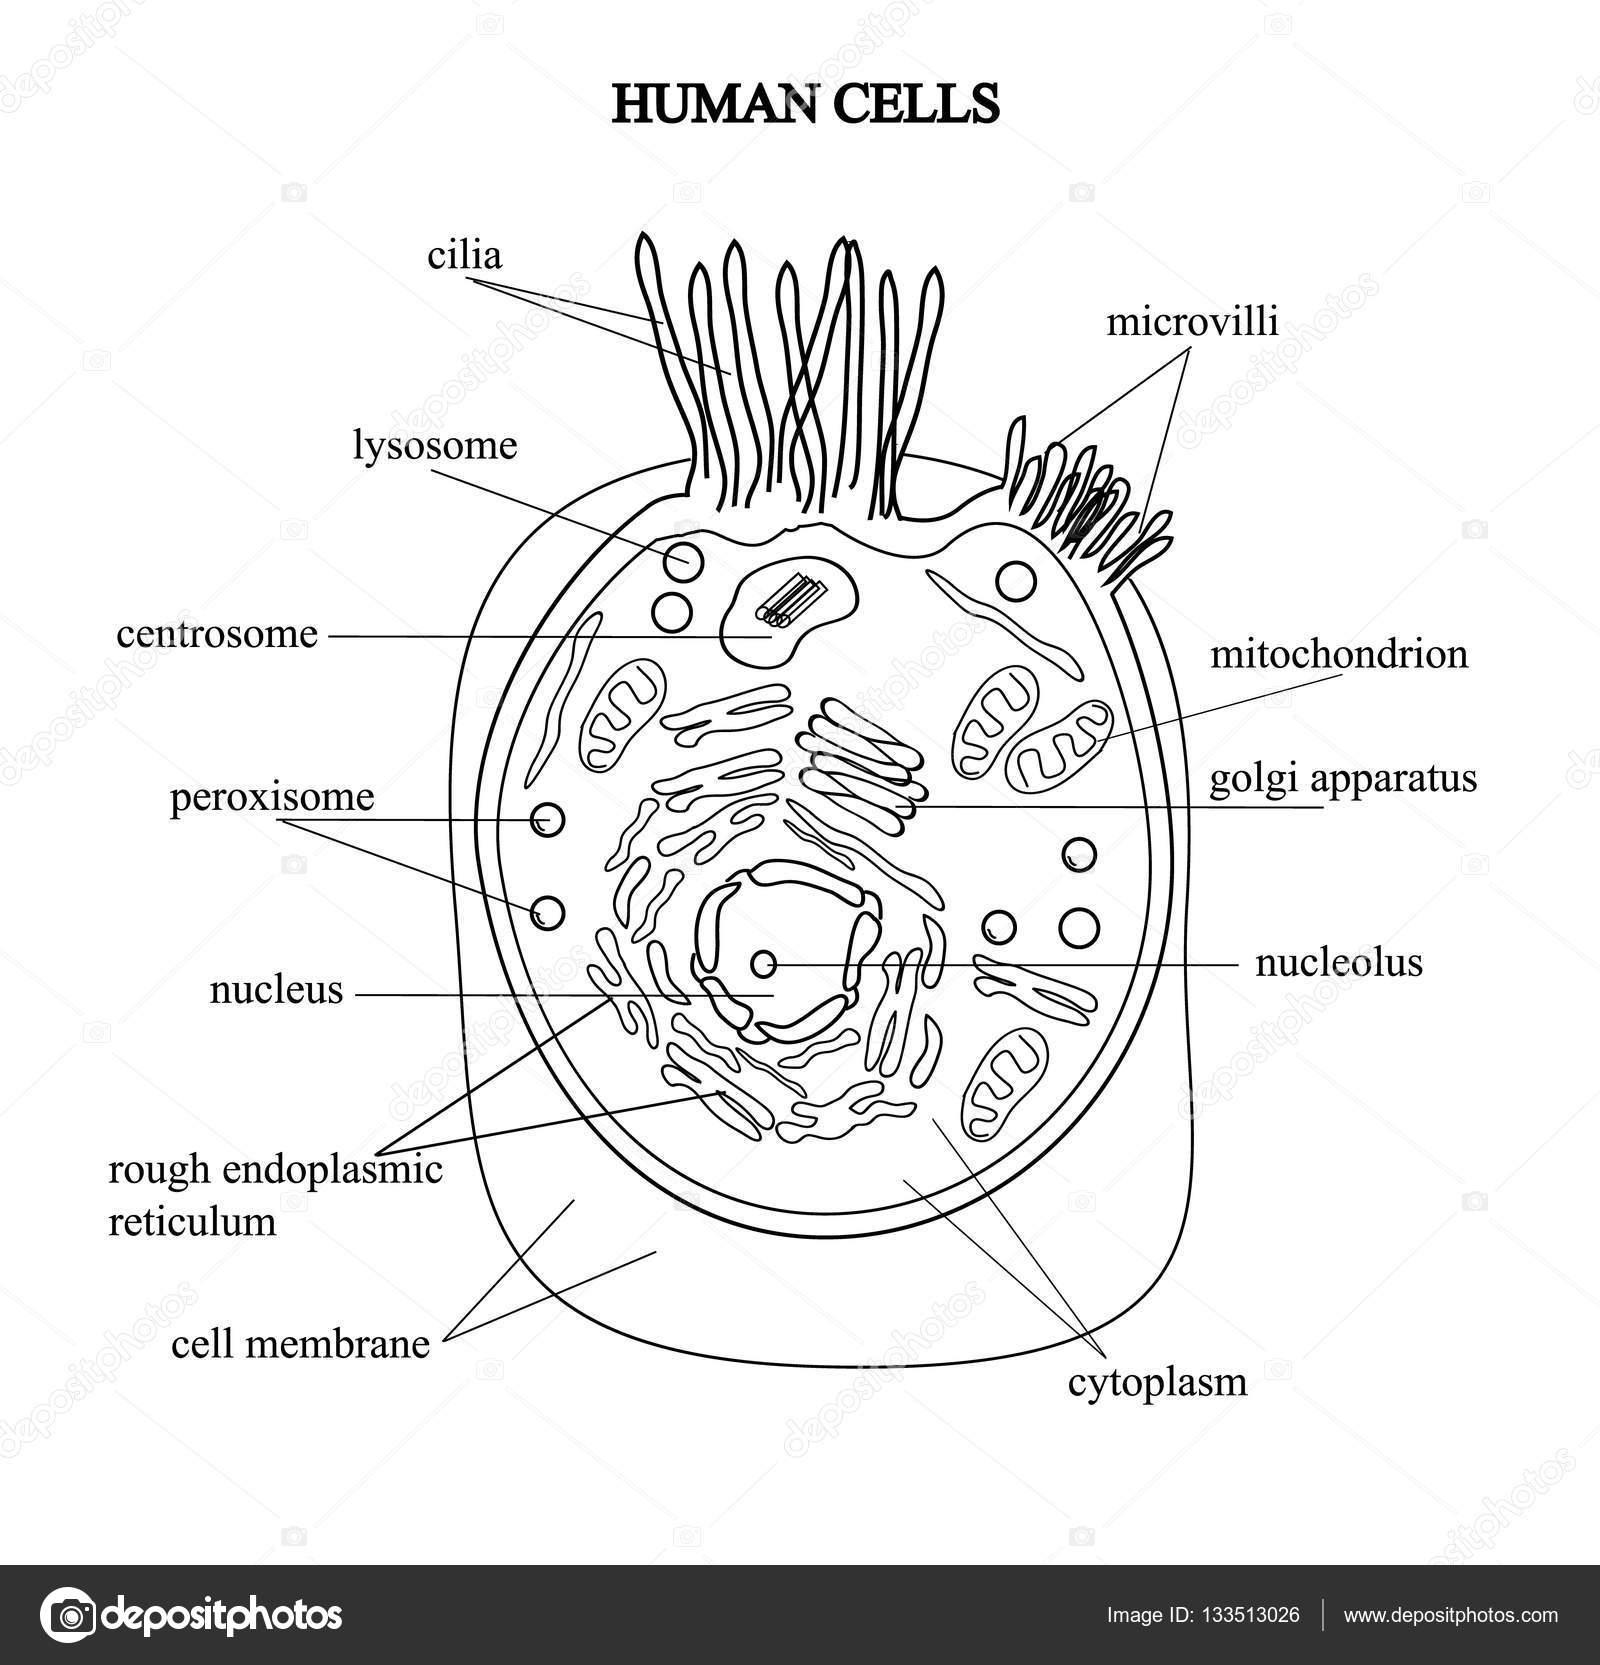 Die Struktur der menschlichen Zellen in eine Grafik ...